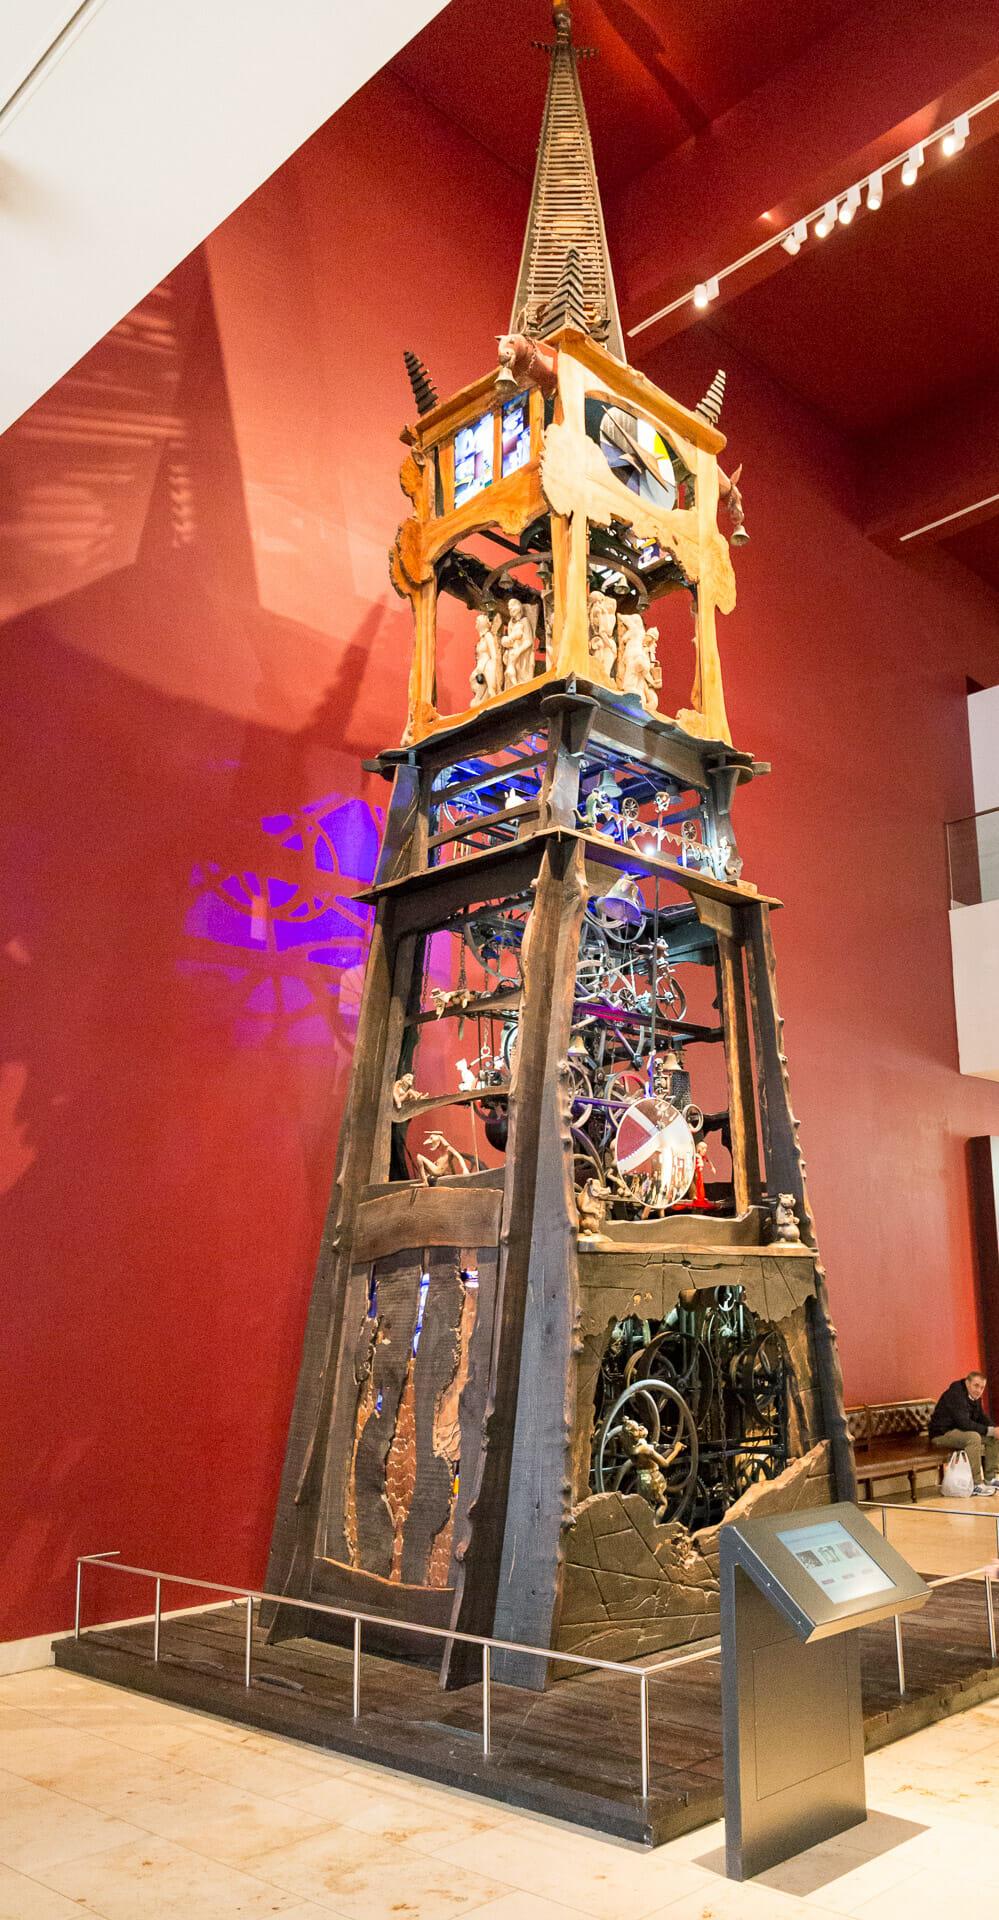 Millenium Clock Tower